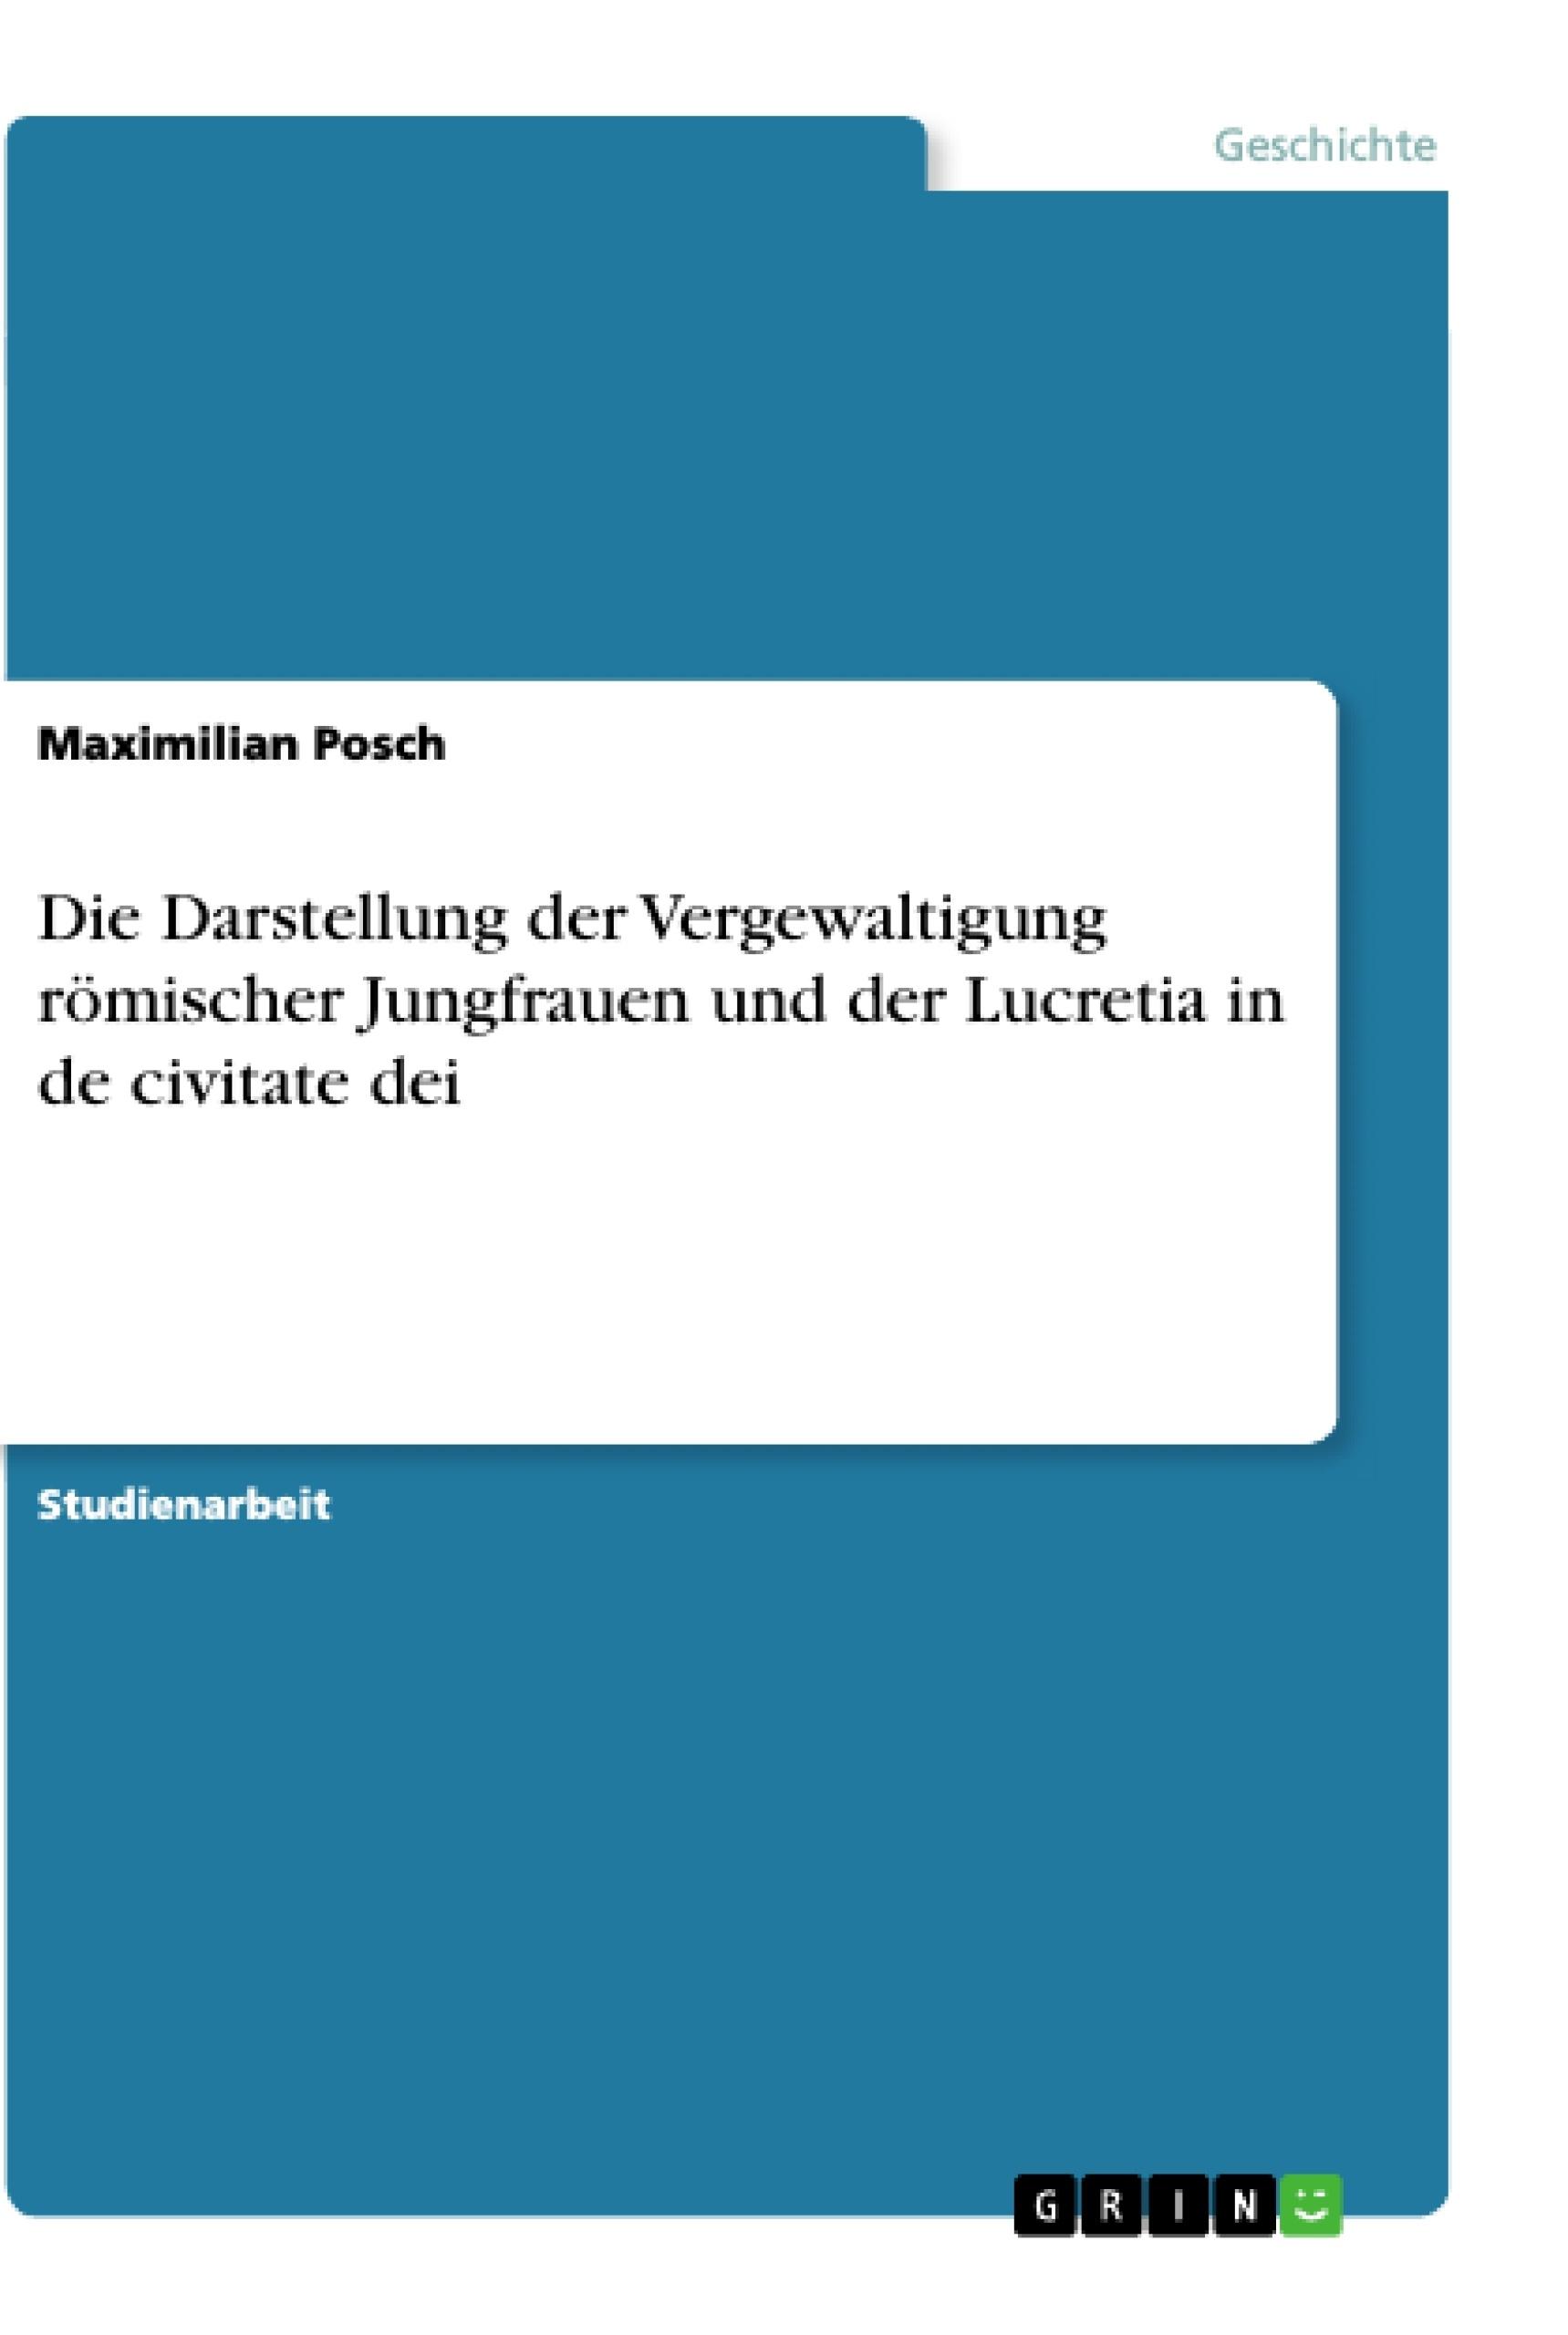 Titel: Die Darstellung der Vergewaltigung römischer Jungfrauen und der Lucretia  in de civitate dei